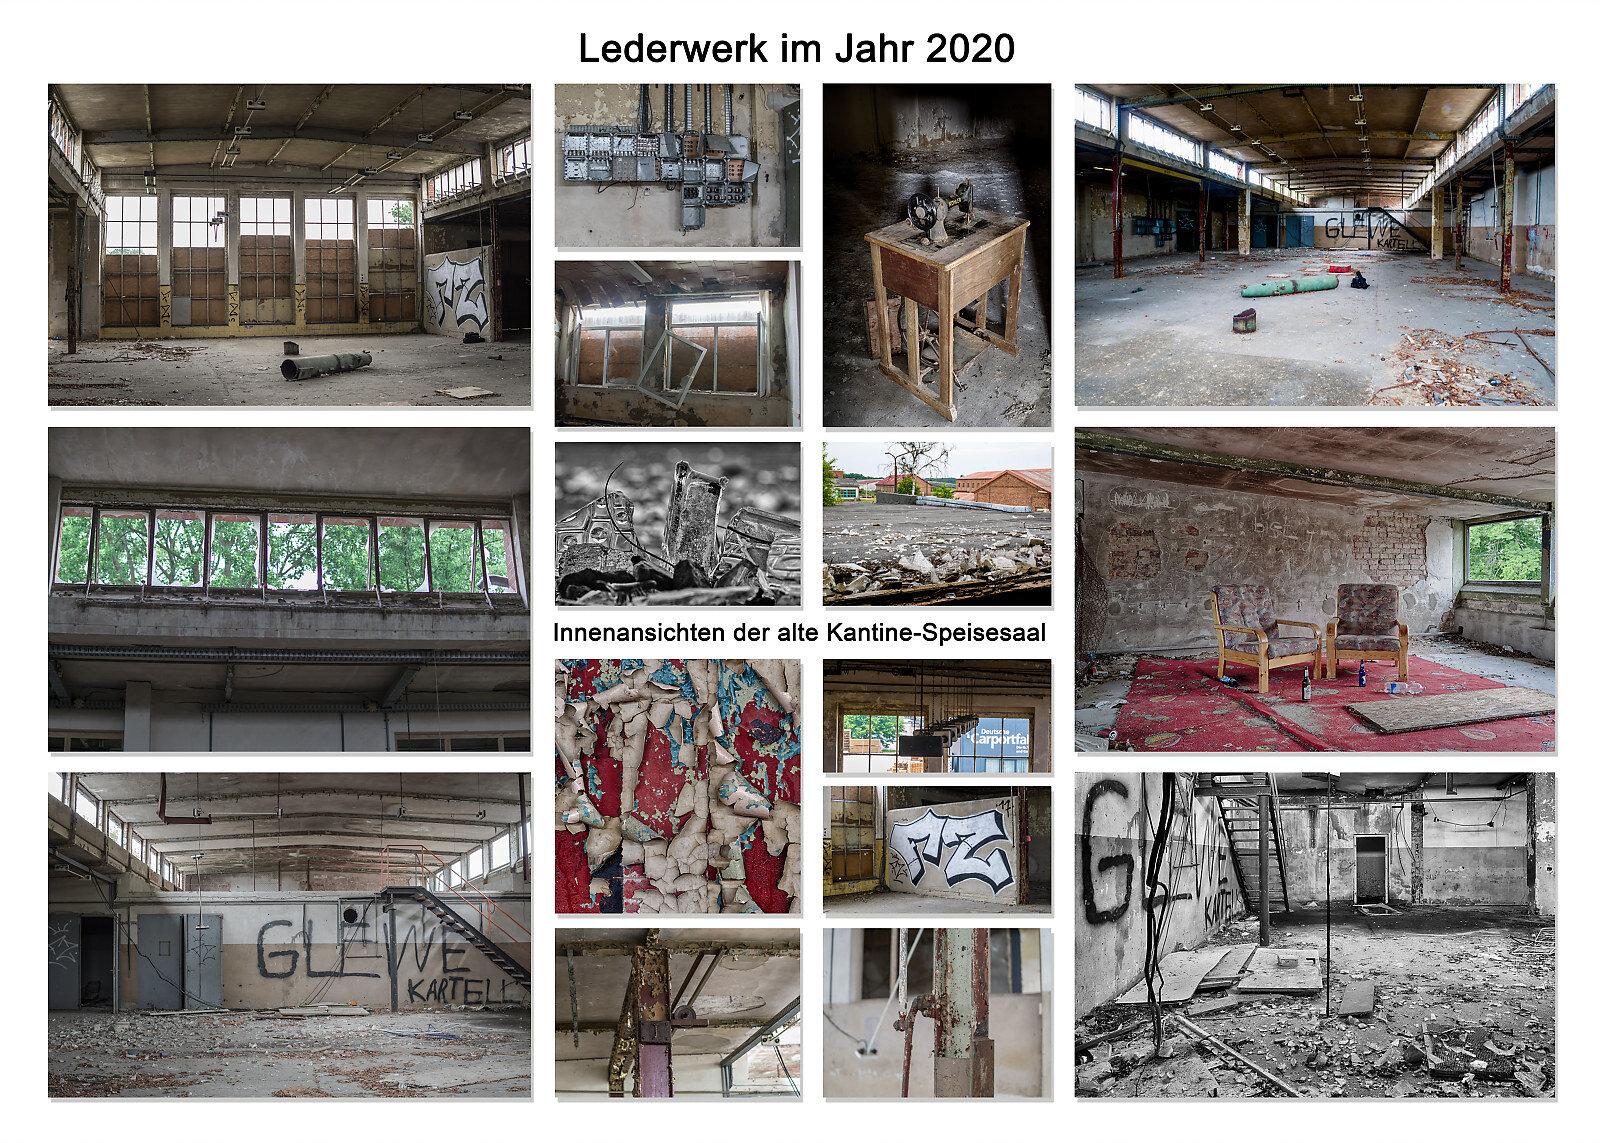 Lederwerk_Collage_Fotoclub_2